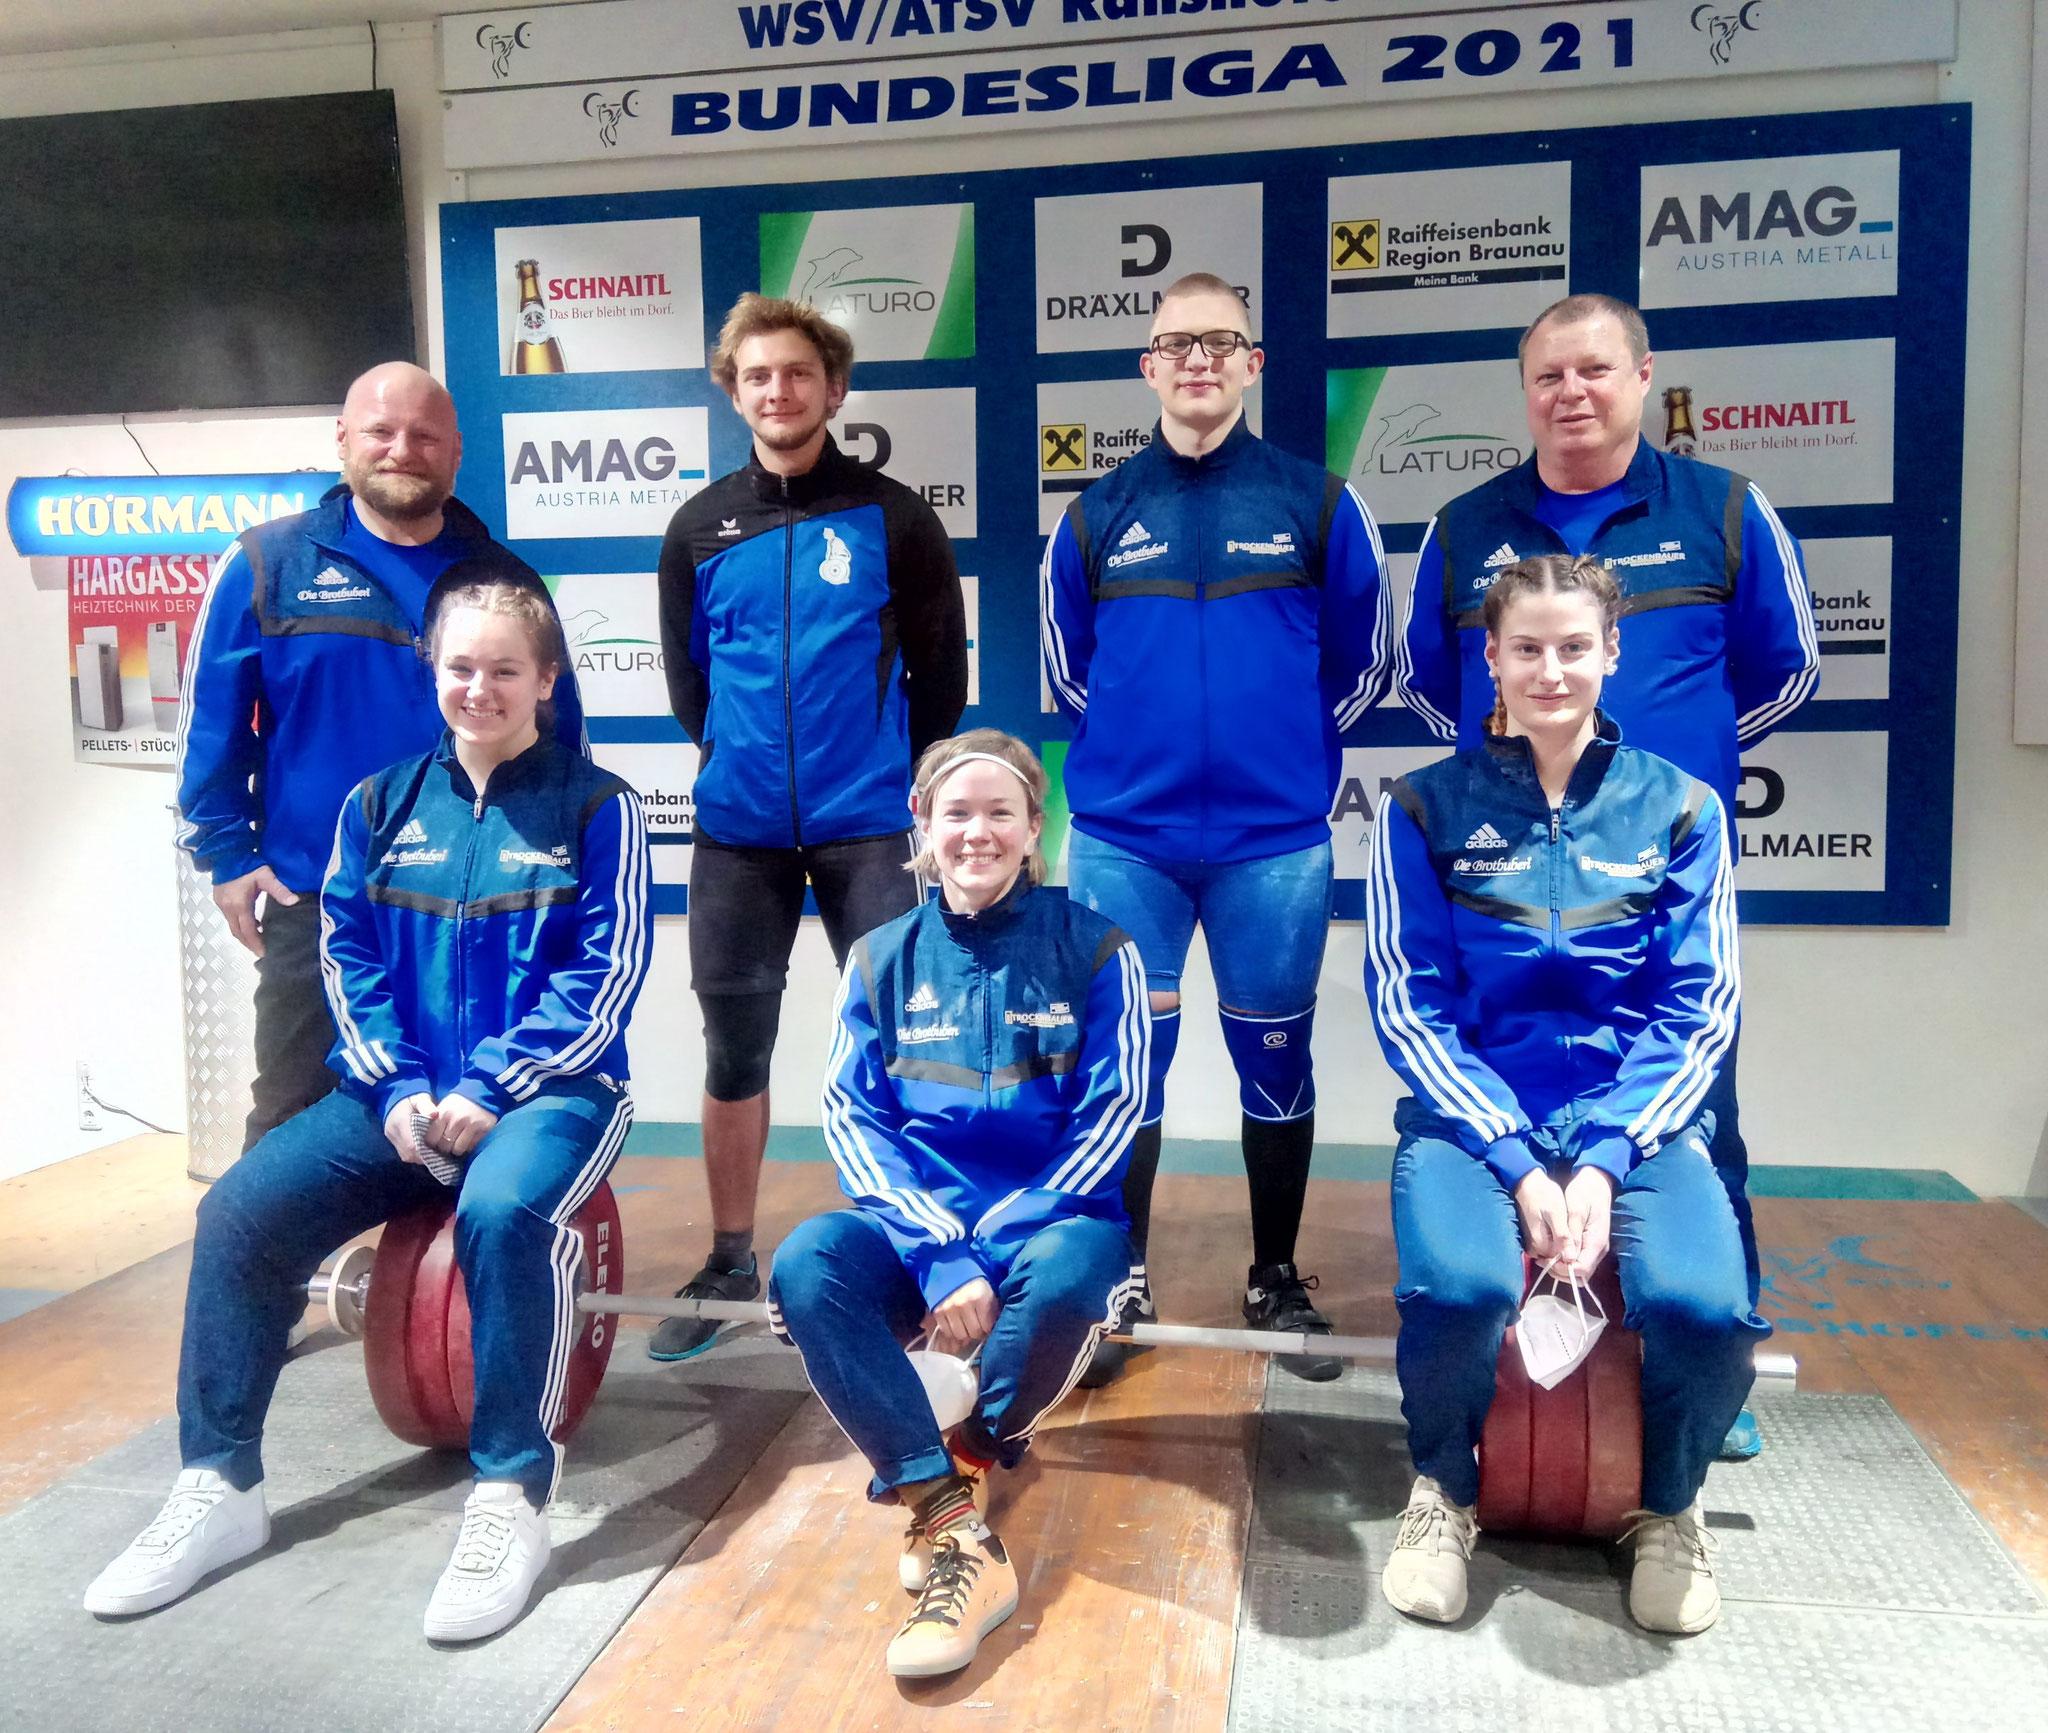 24.04.2021 - 1 : 0 - Auftaktsieg in der Bundesliga gegen ATSV Ranshofen